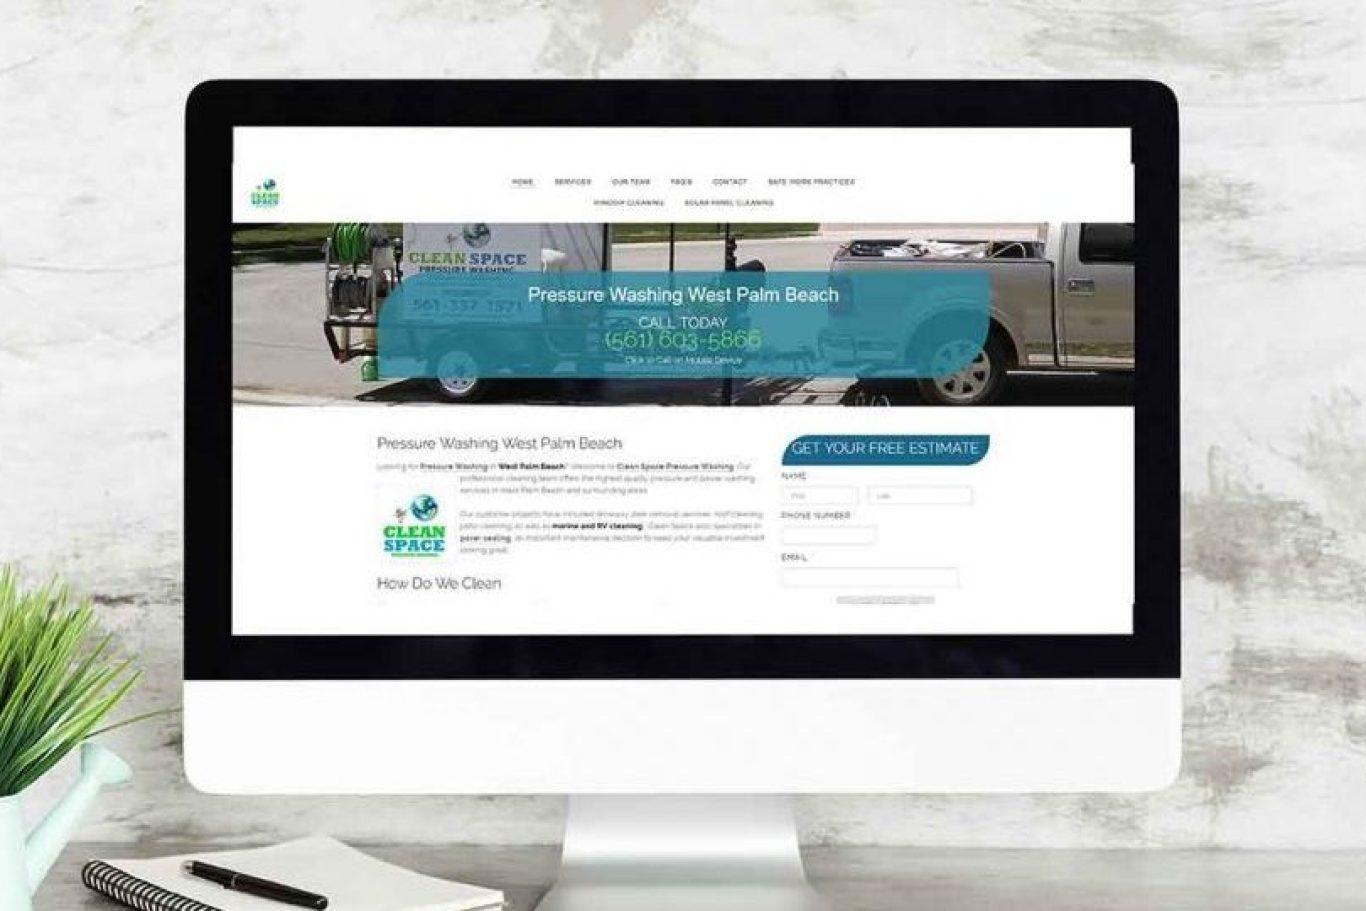 lead generation websites, desantis digital works